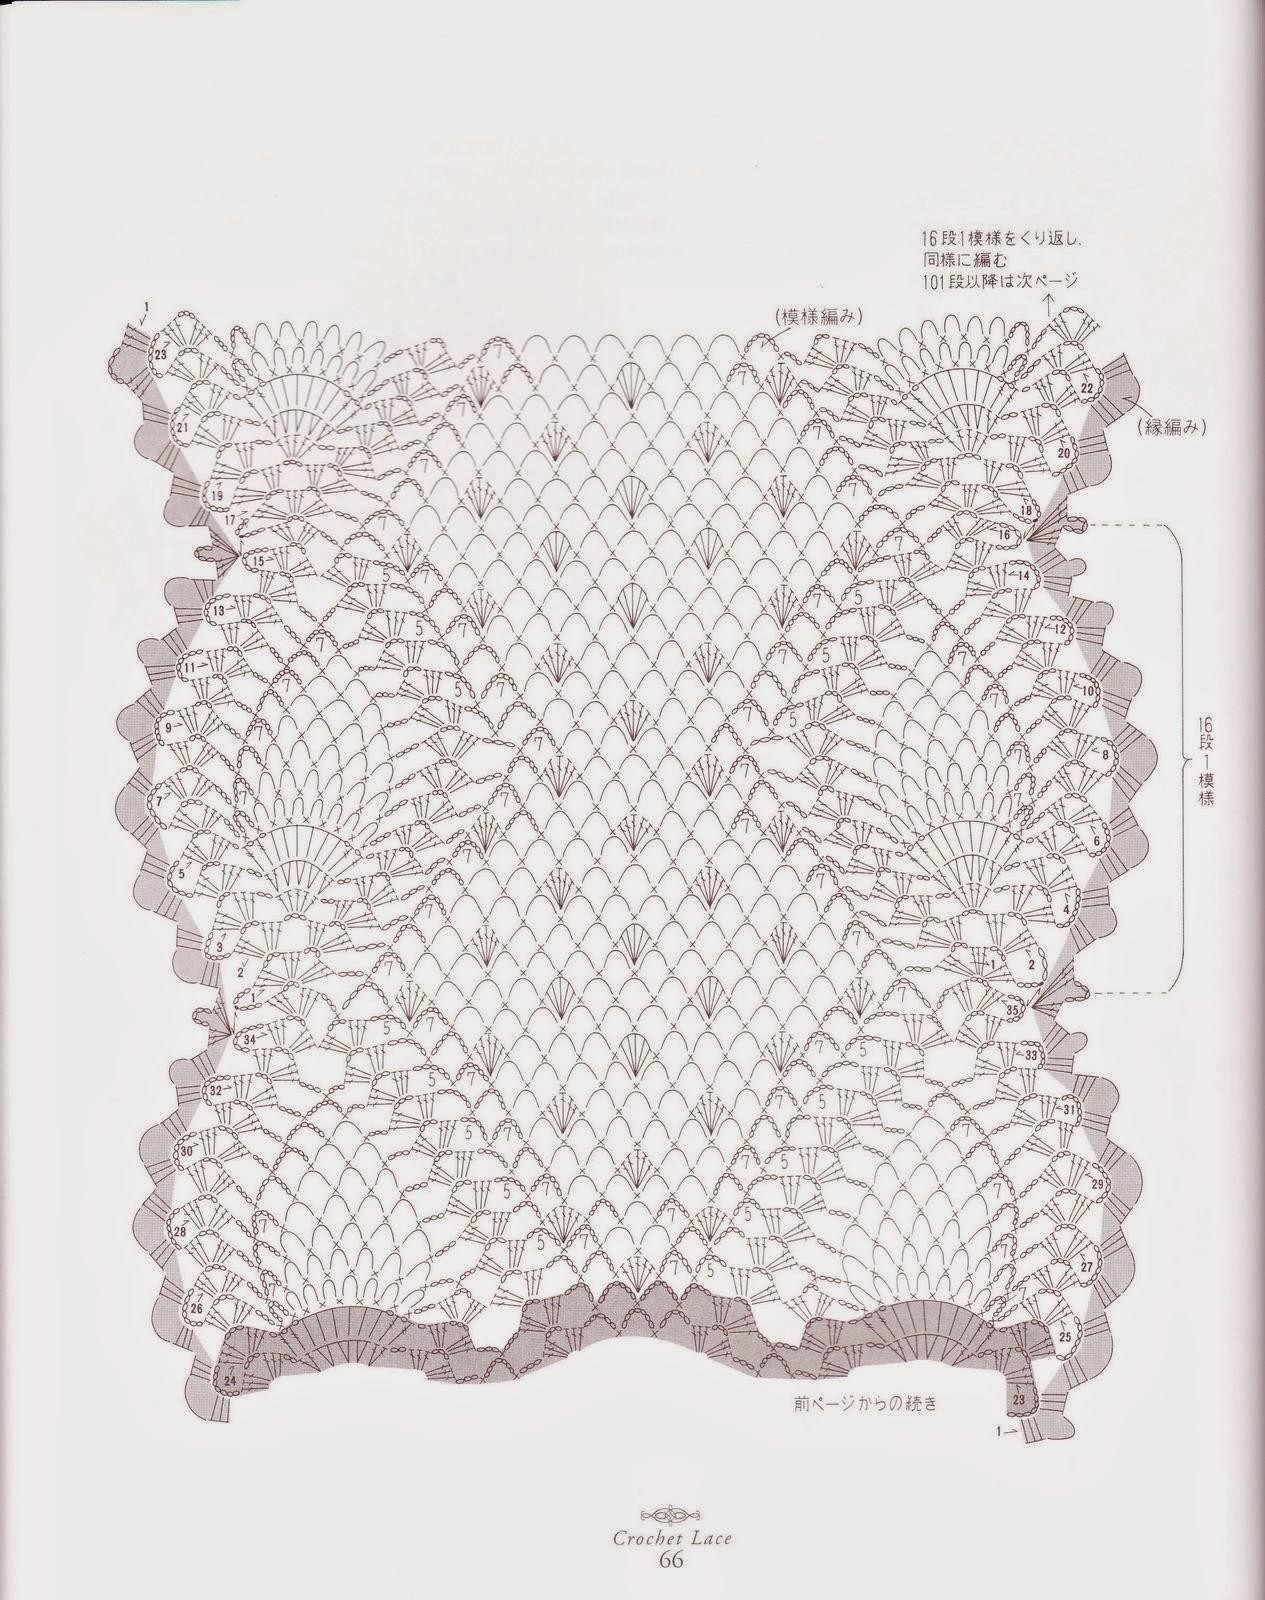 PATRONES GRATIS DE CROCHET: Patrón elegante camino de mesa crochet